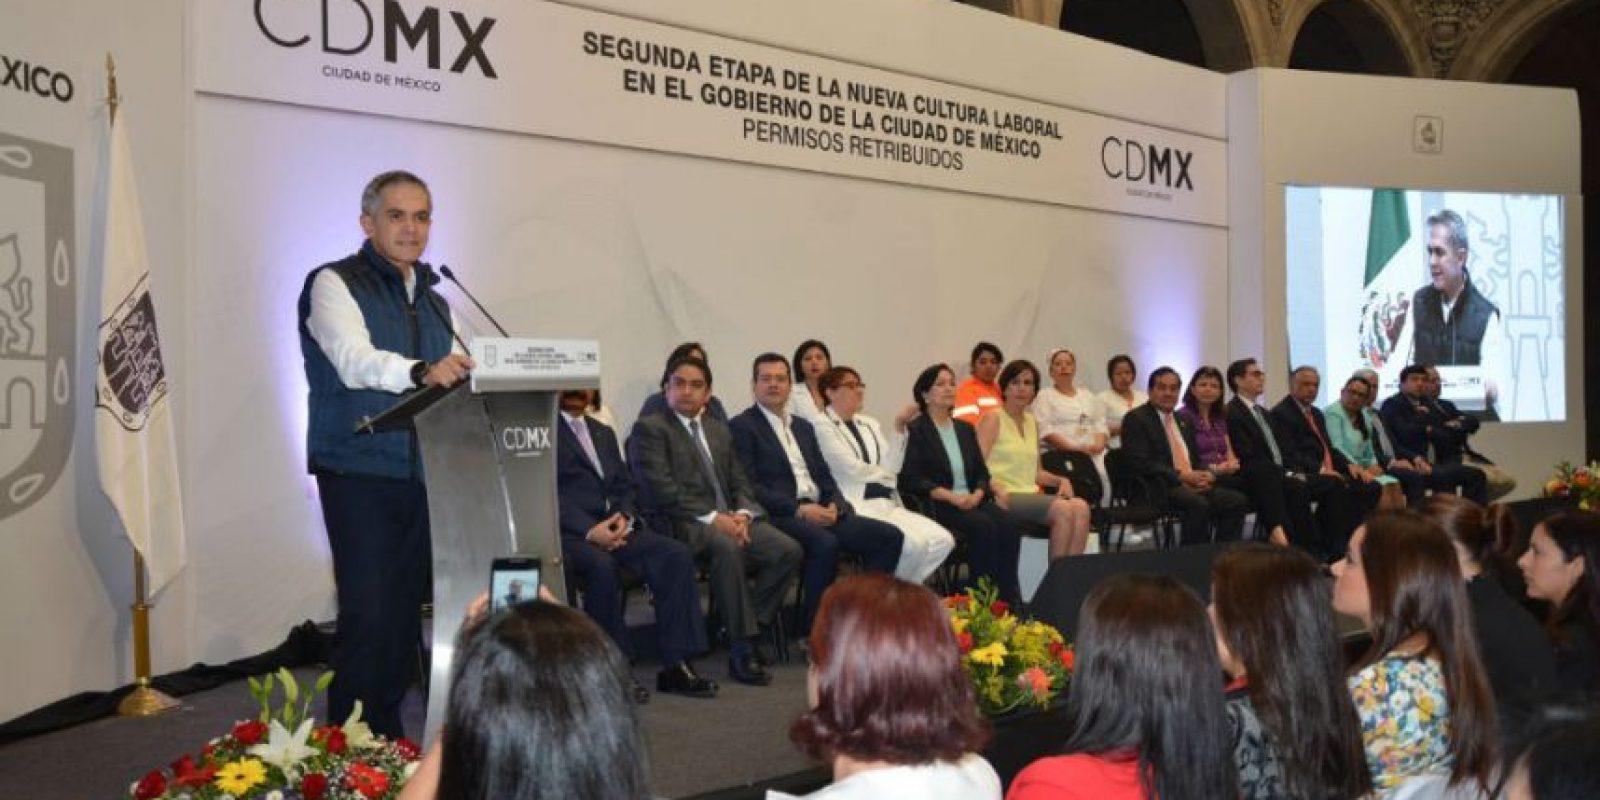 Todos los viernes los trabajadores del Gobierno de la CDMX se retiren a las 15:00 horas Foto:Cortesía